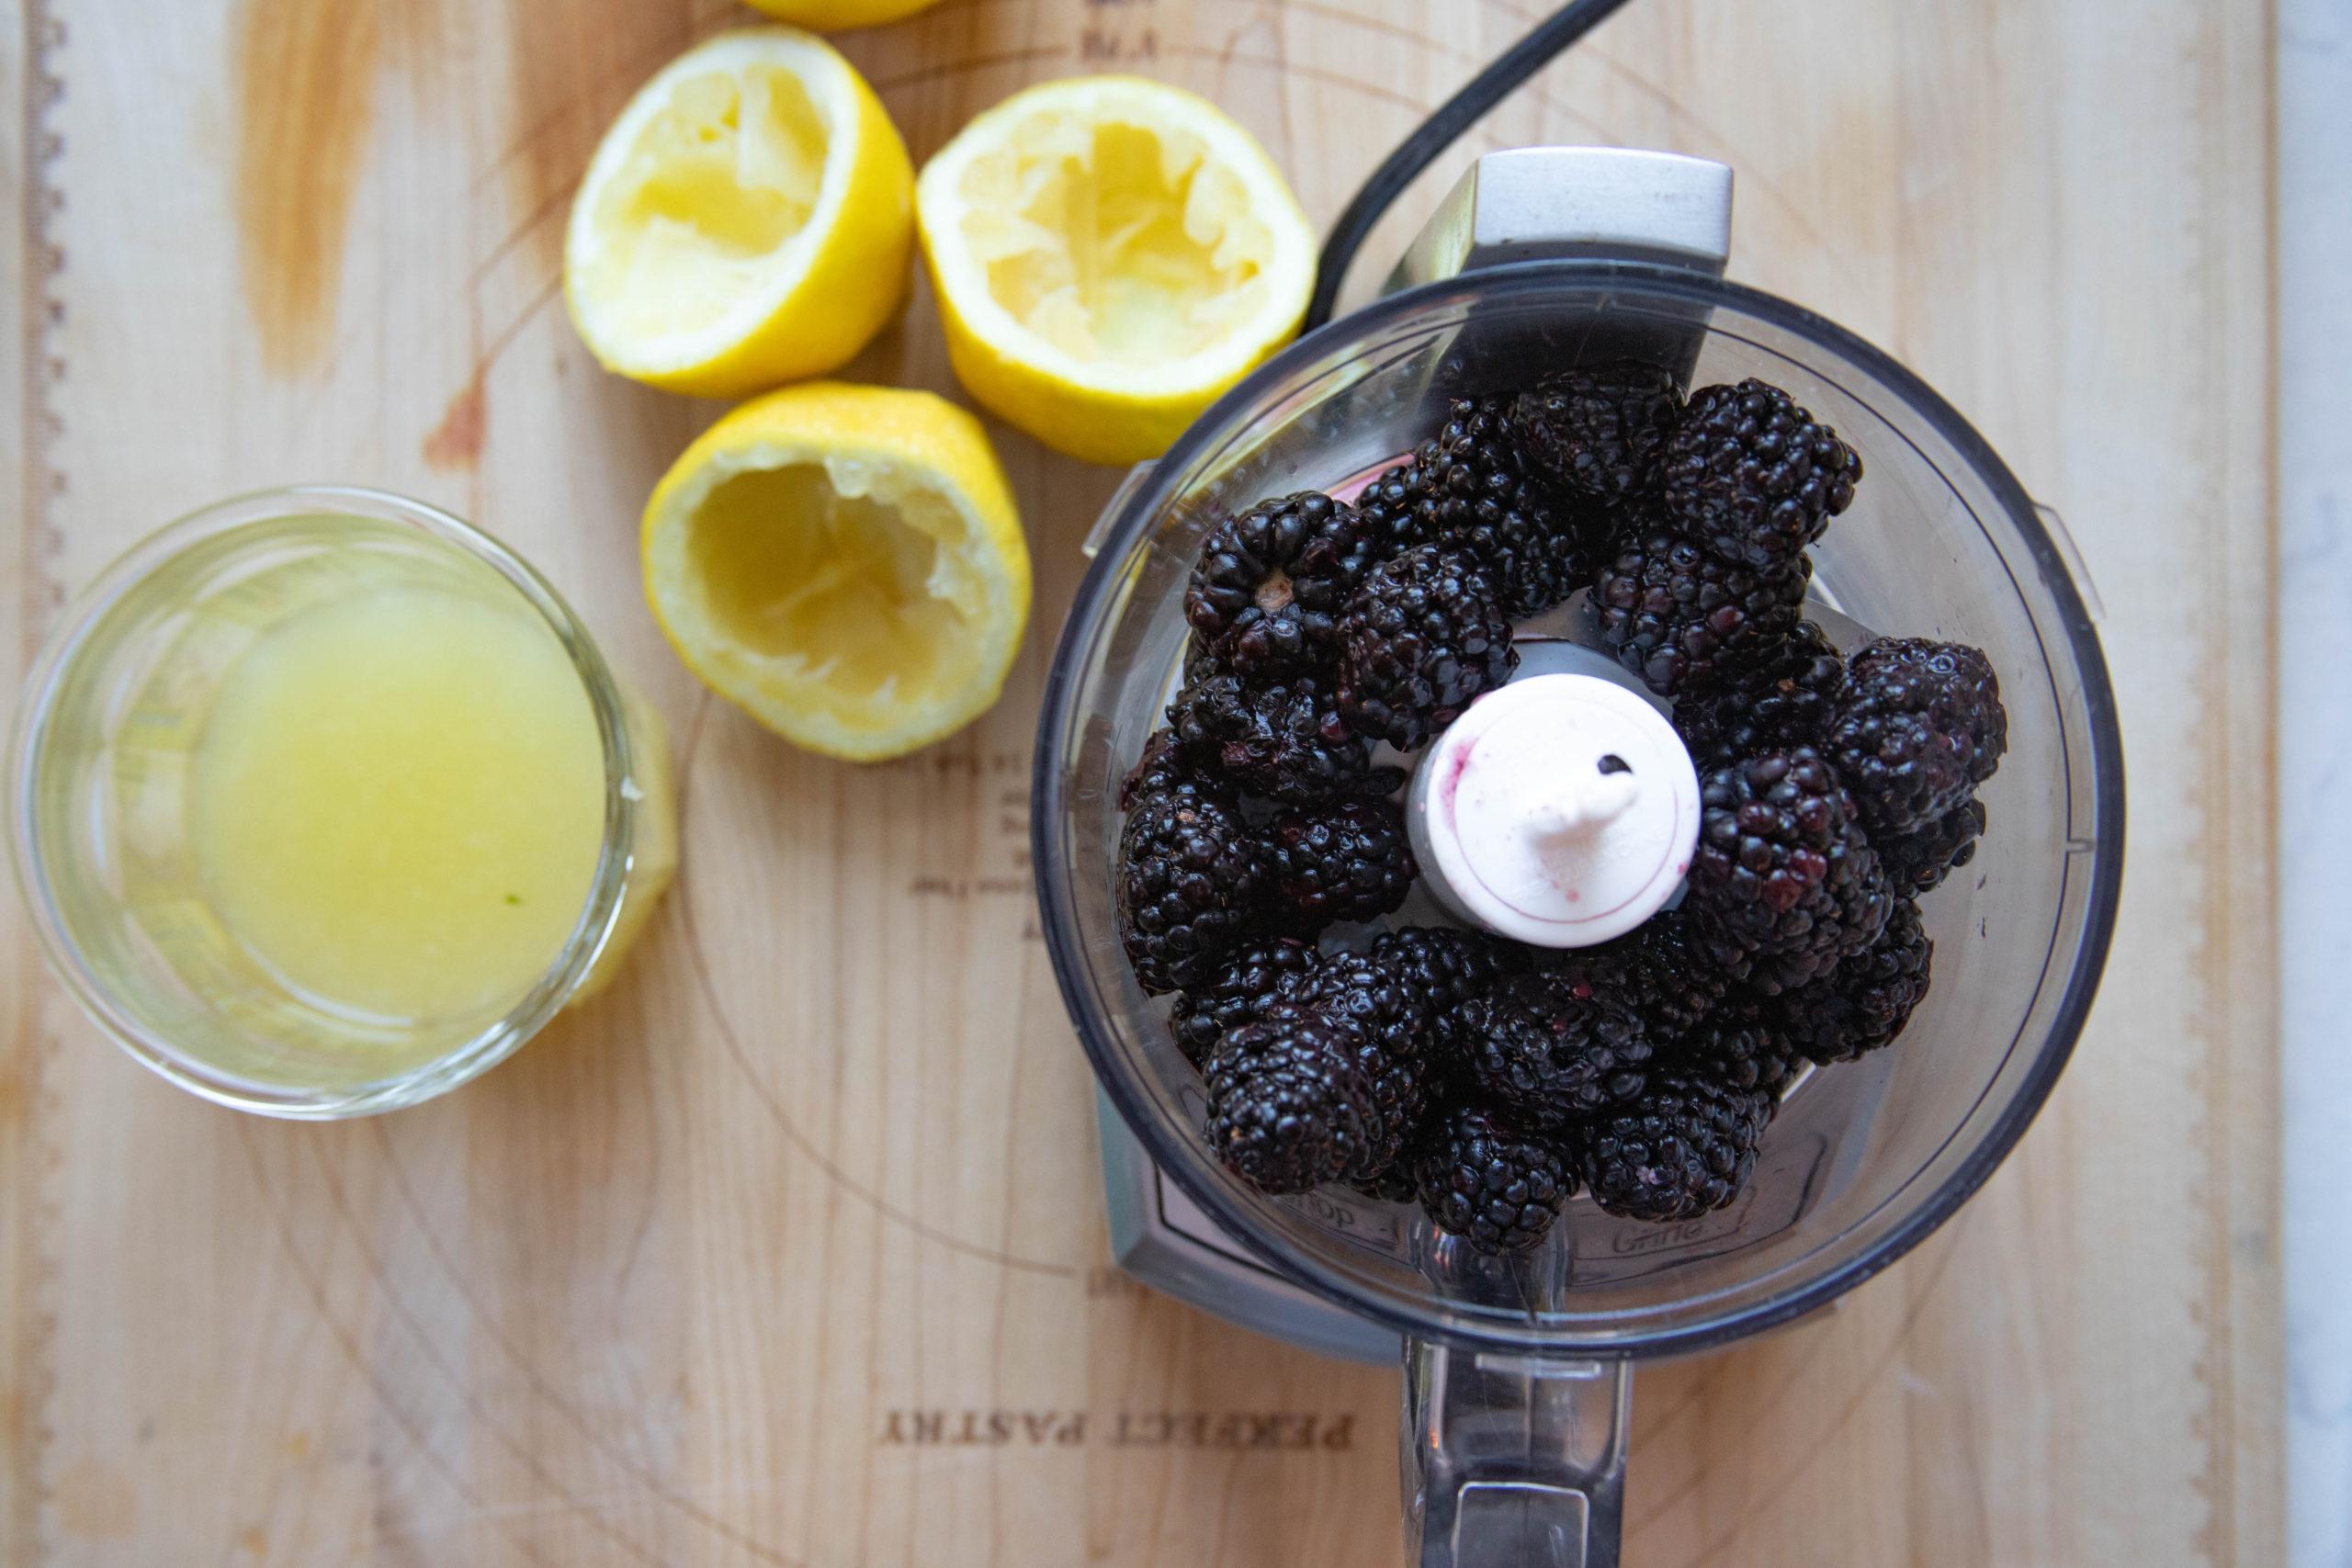 Blackberry Curd Ingredients - fresh squeezed lemon juice and fresh blackberries in food processor